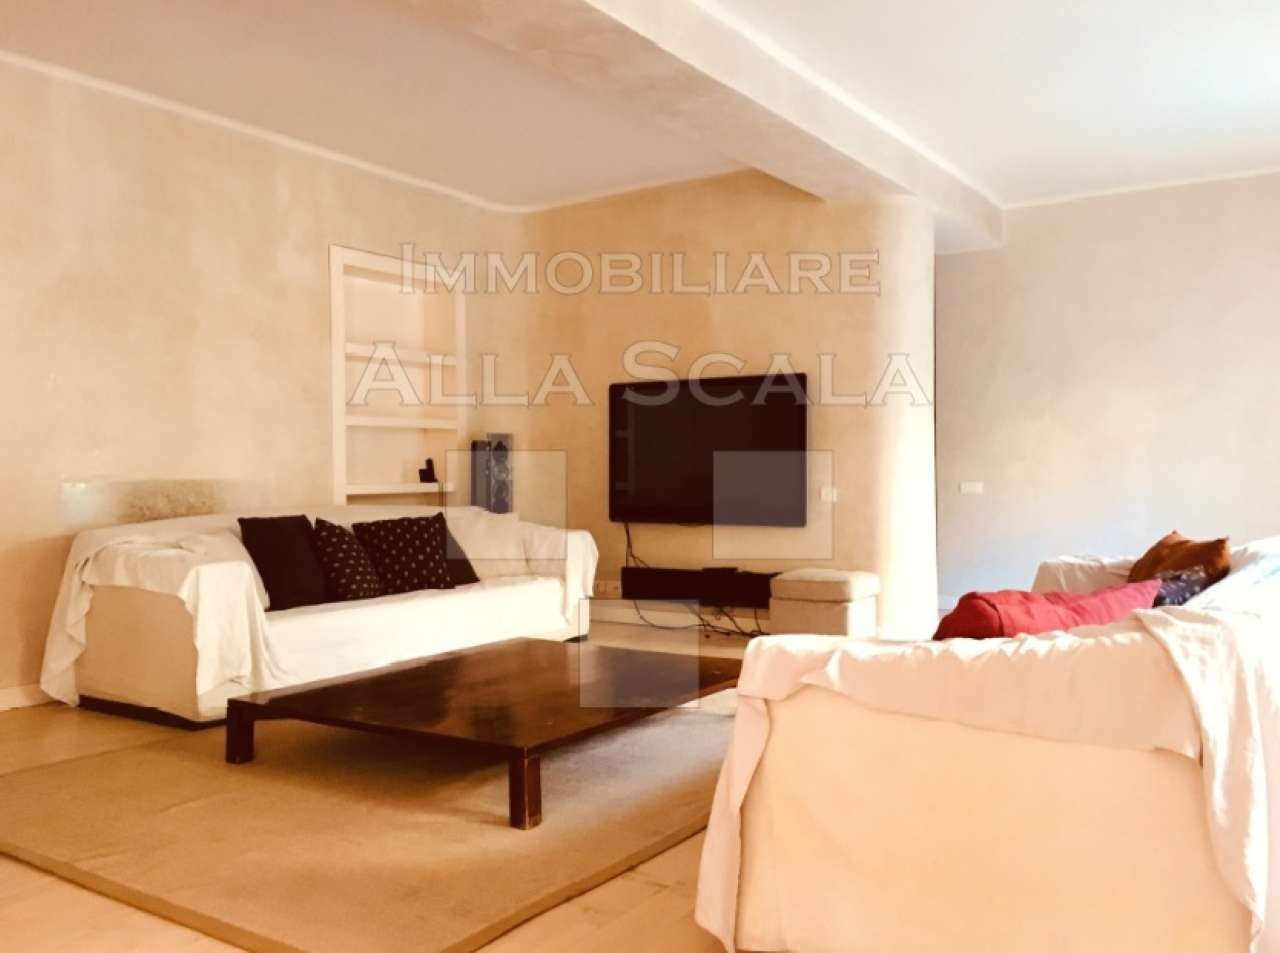 Appartamenti con camino in vendita a milano for Appartamenti in vendita a milano